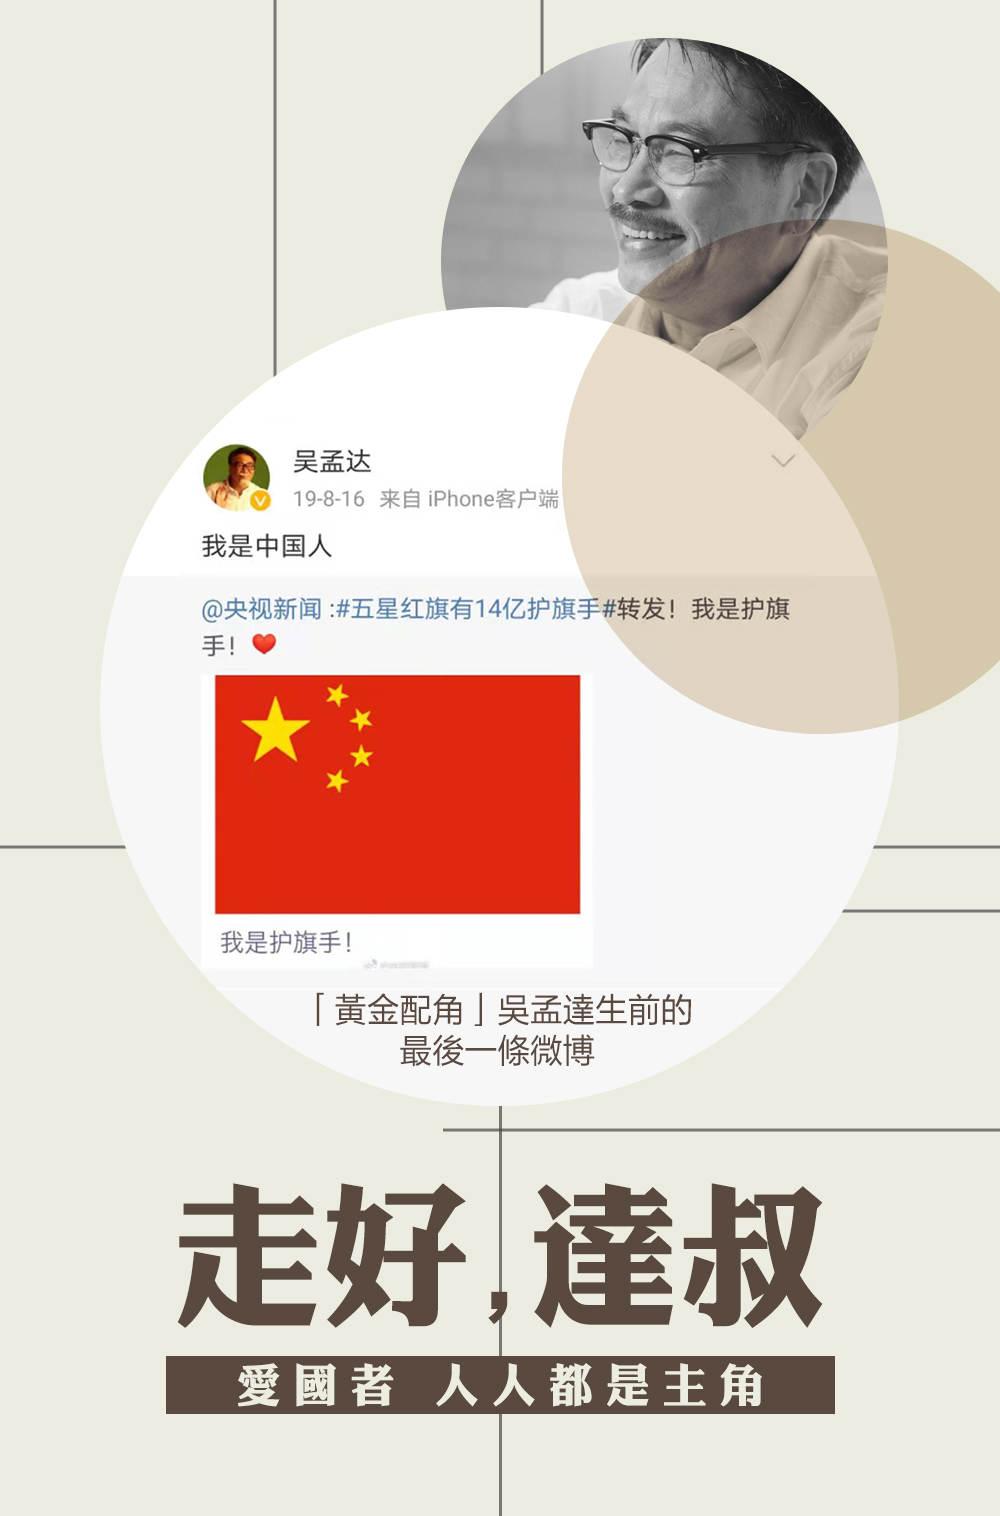 喜剧演员吴孟达病逝 人民日报:爱国者永远都是主角